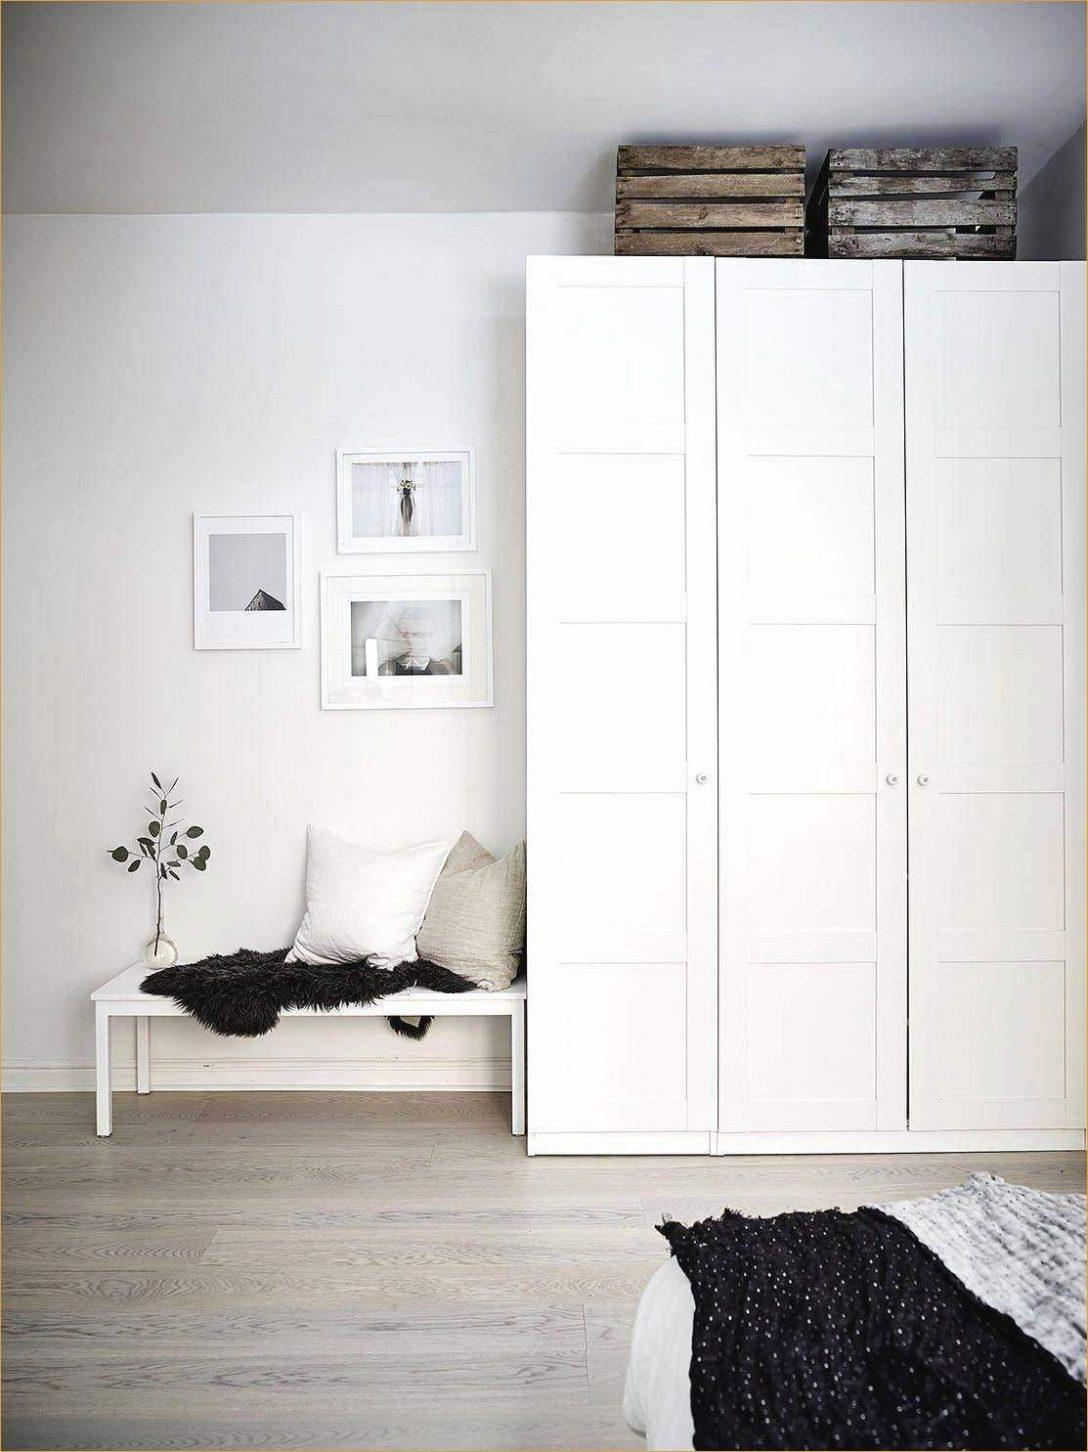 Large Size of Ikea Besta Schlafzimmer Ideen Klein Hemnes Deko Malm Einrichtungsideen Kallax Pinterest Kleine Schrnke Wohnzimmer Frisch Schn Eckschrank Stuhl Deckenleuchten Wohnzimmer Ikea Schlafzimmer Ideen